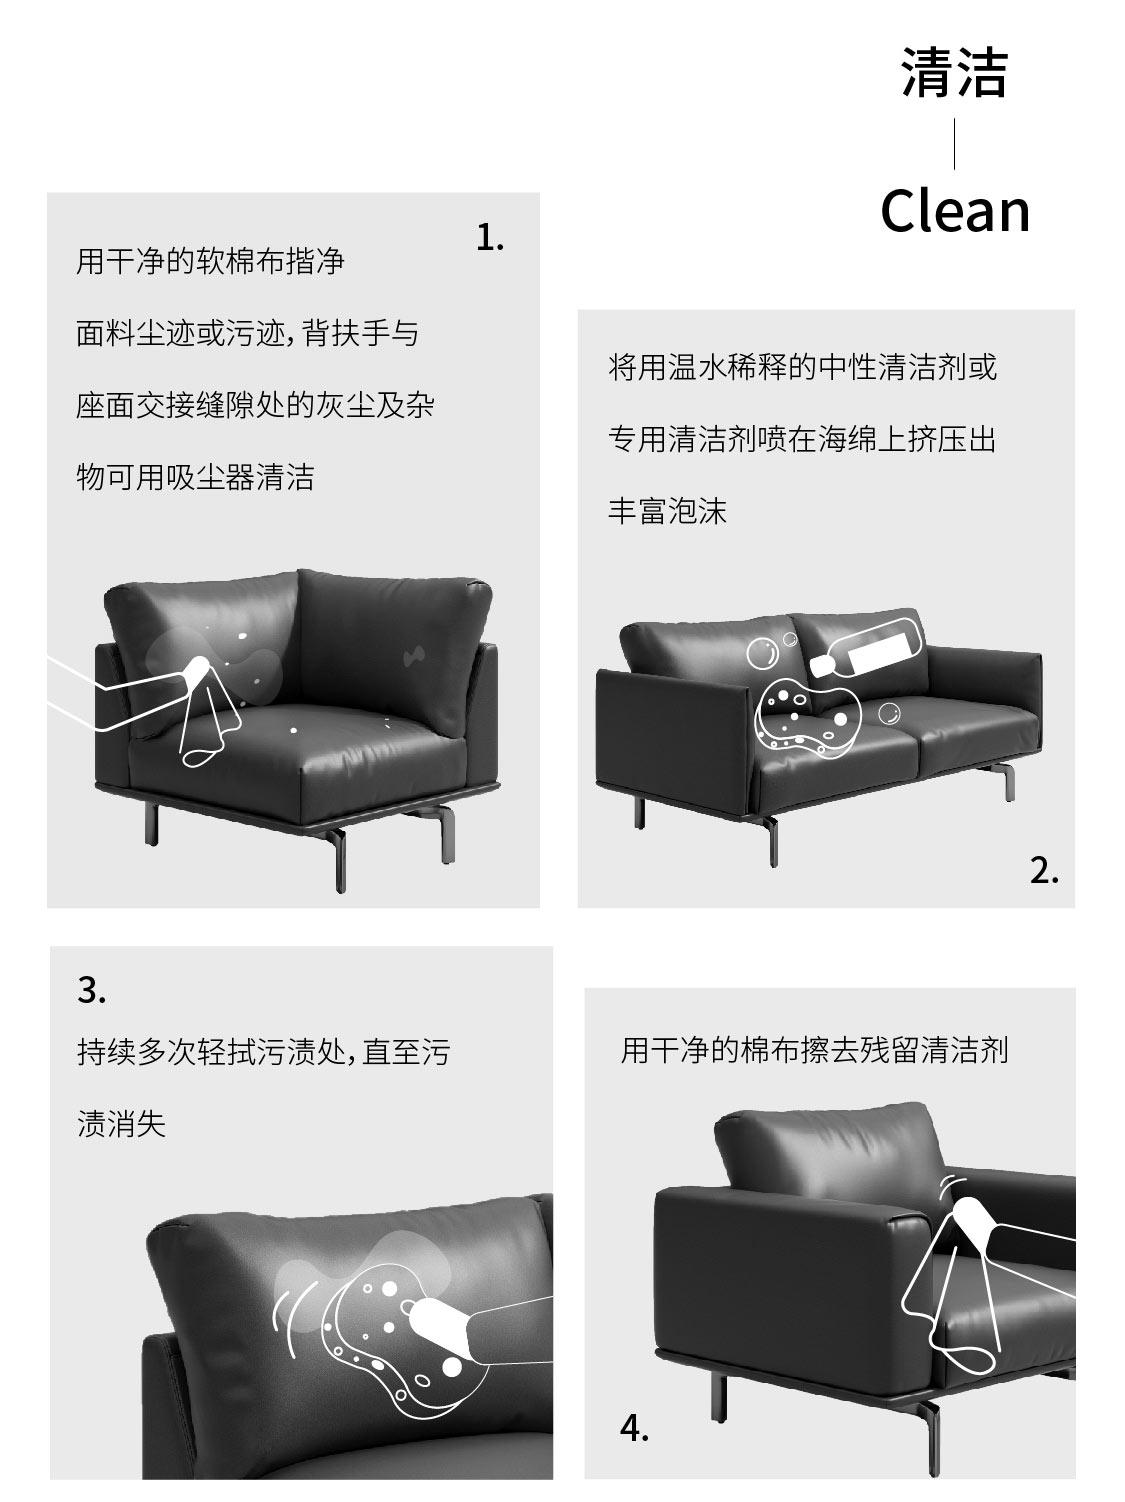 沙发清洁流程图